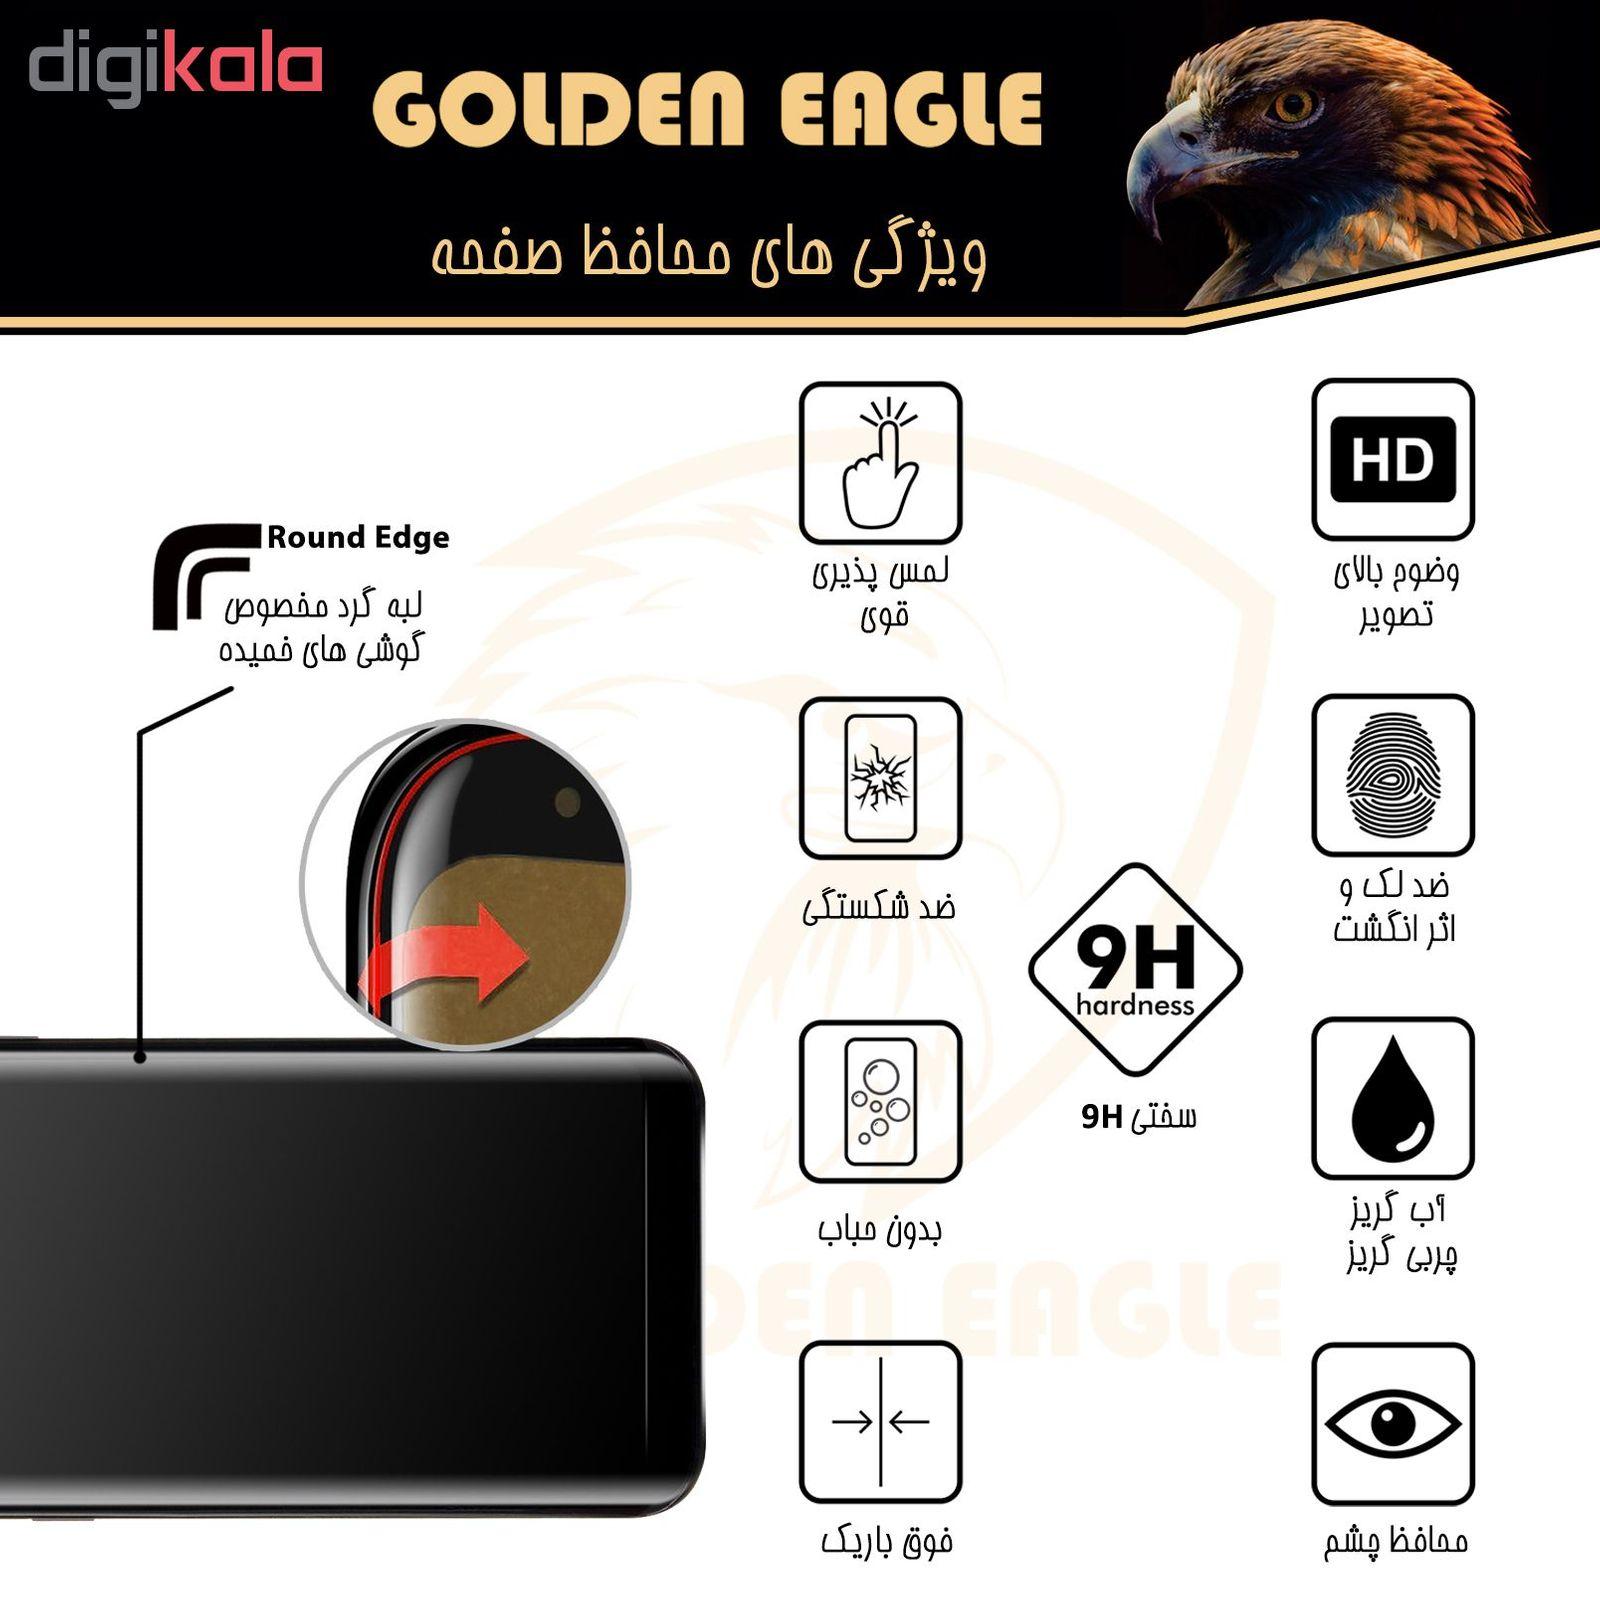 محافظ صفحه نمایش گلدن ایگل مدل DFC-X2 مناسب برای گوشی موبایل سامسونگ Galaxy S9 Plus بسته دو عددی main 1 3